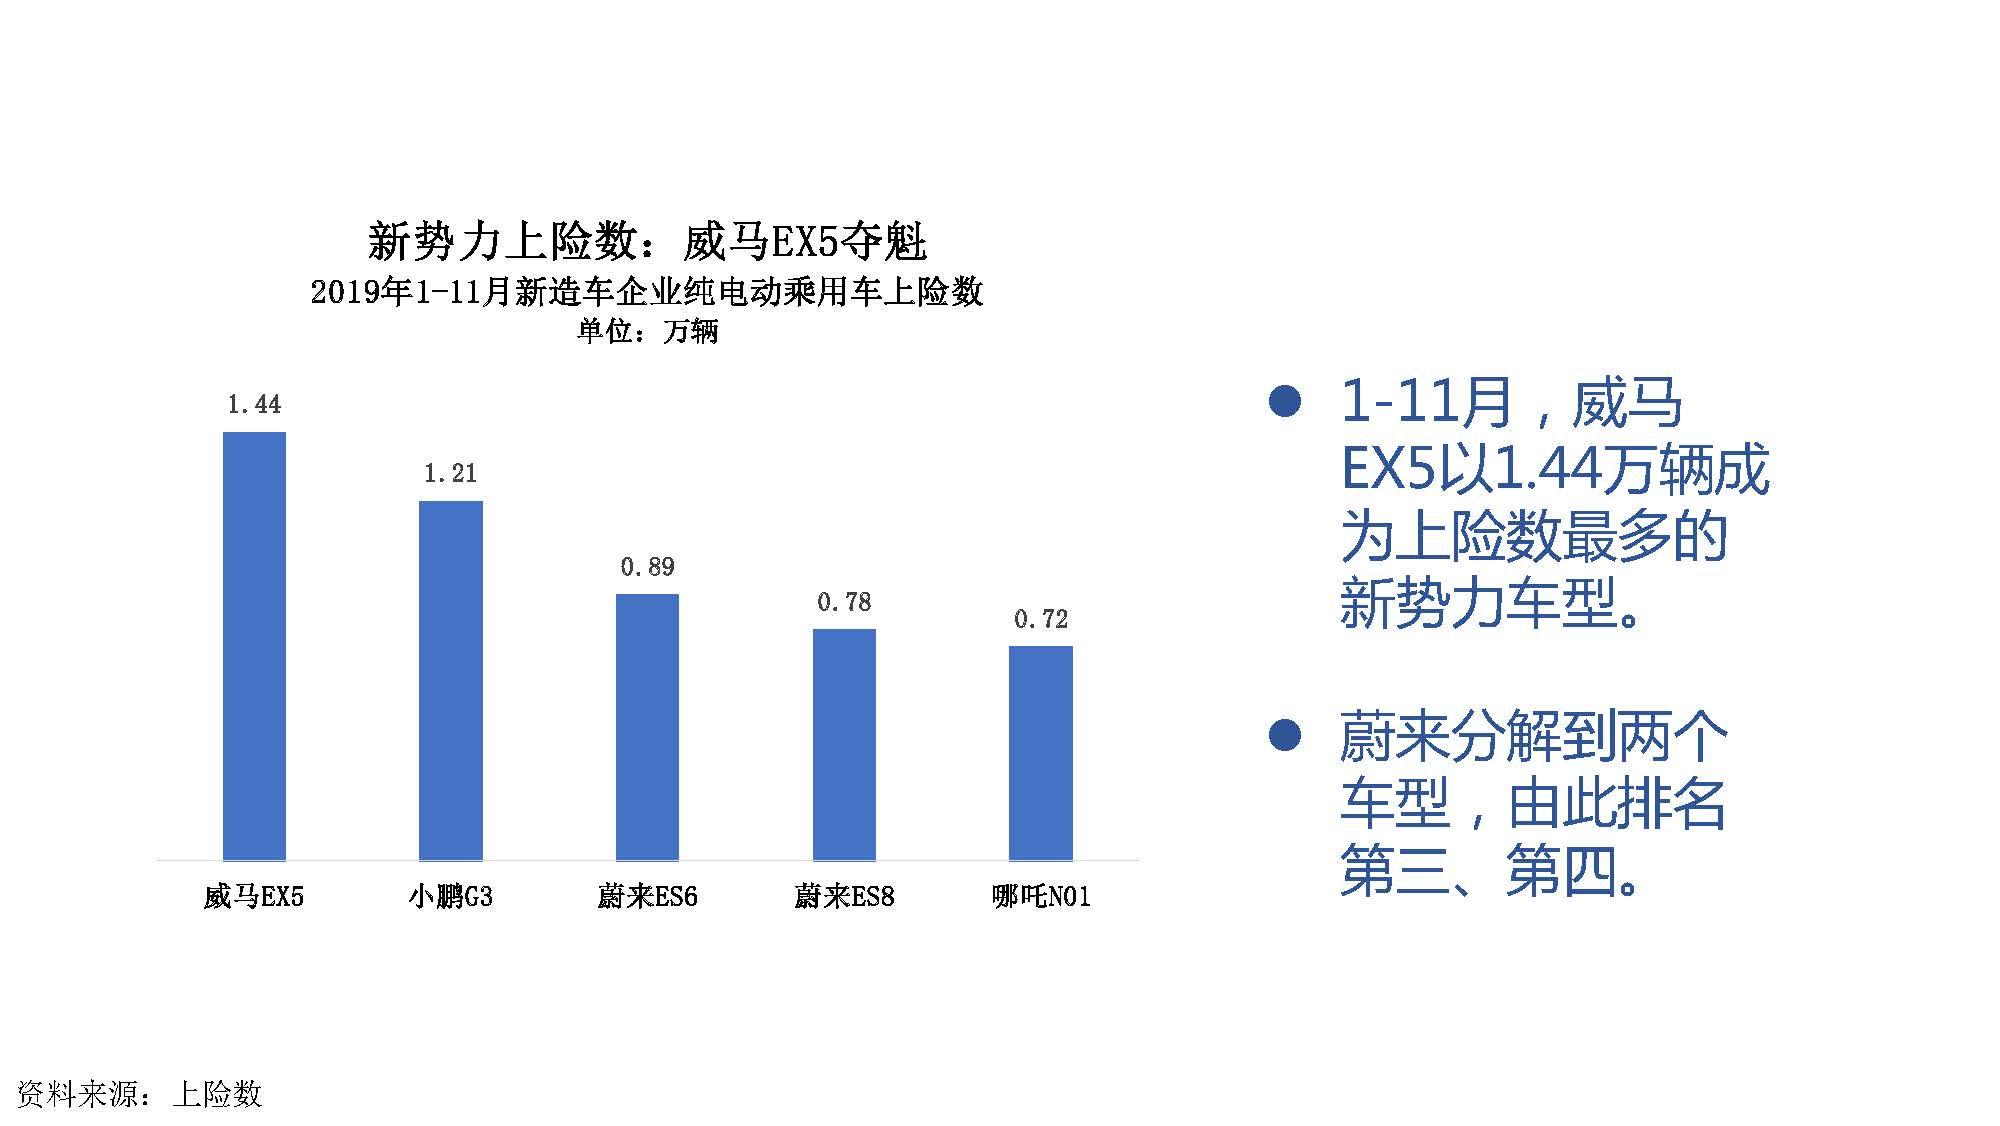 2019年11月中国新能源汽车产业观察_页面_054